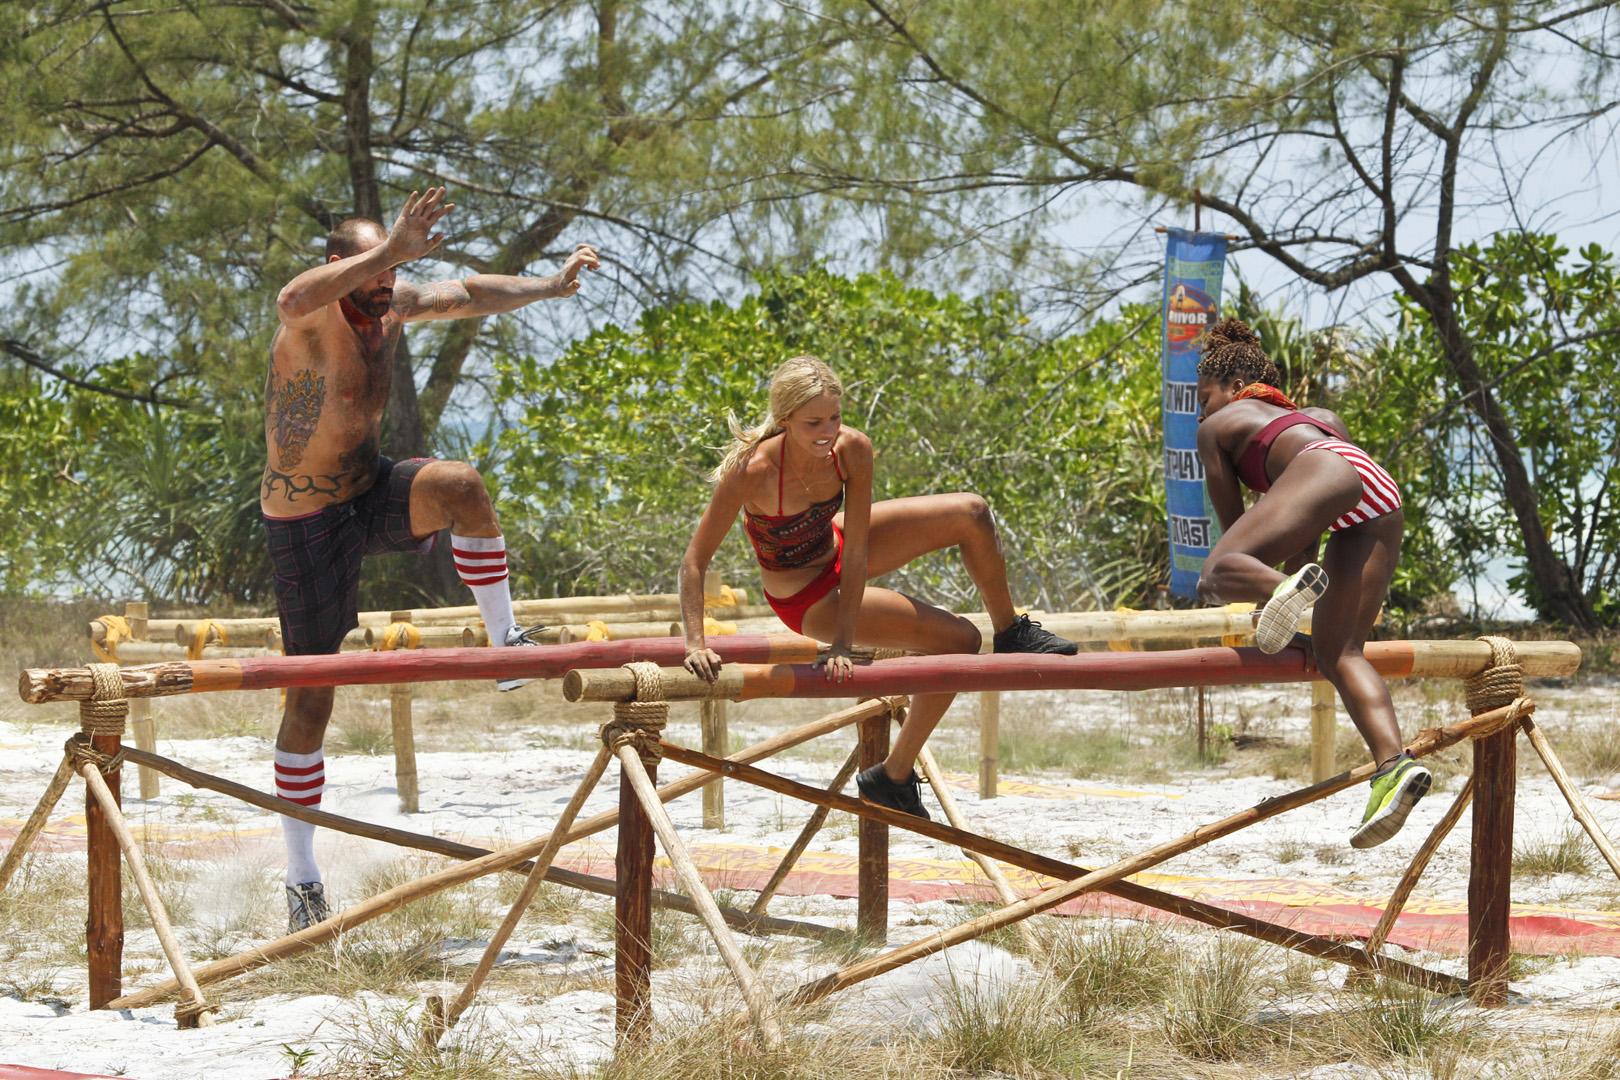 Brawn Tribe memebers Scot, Alecia, and Cydney take a big leap.